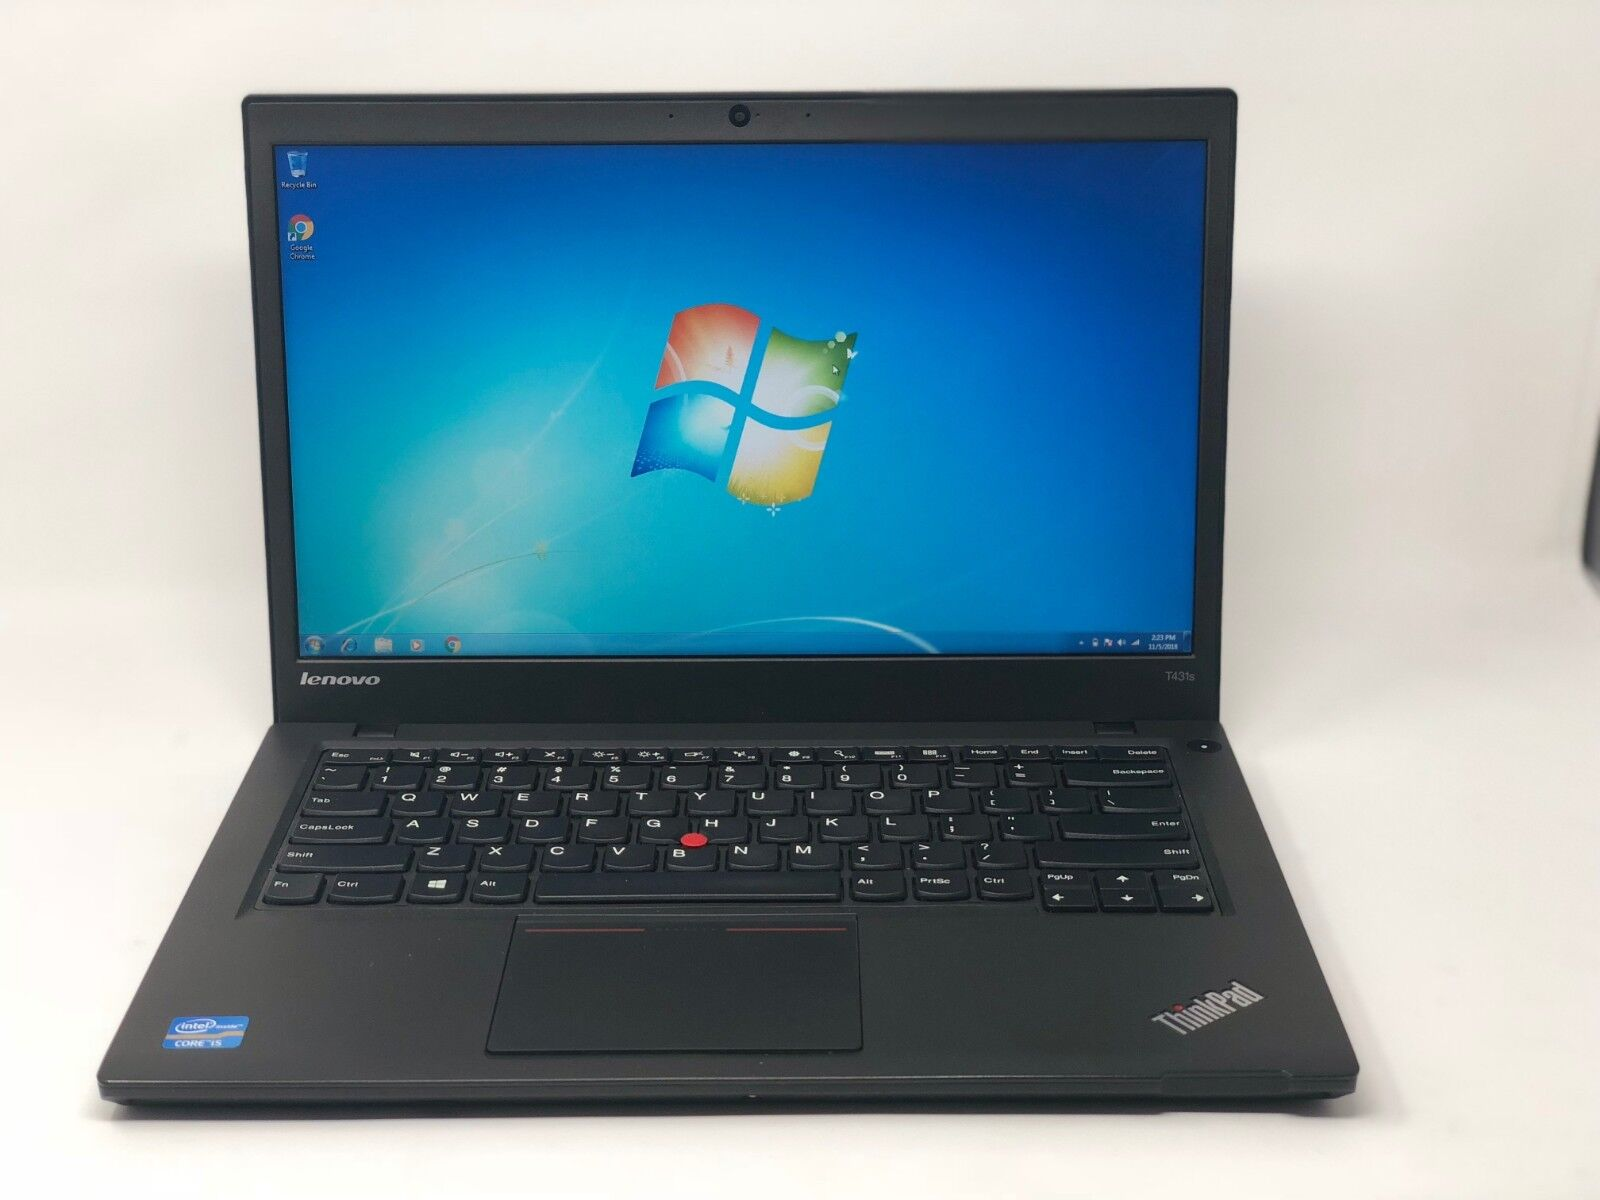 Lenovo ThinkPad T431s i5-3337u 1.8GHz 4GB 500GB 1600x900 Webcam BT Win 7 Laptop